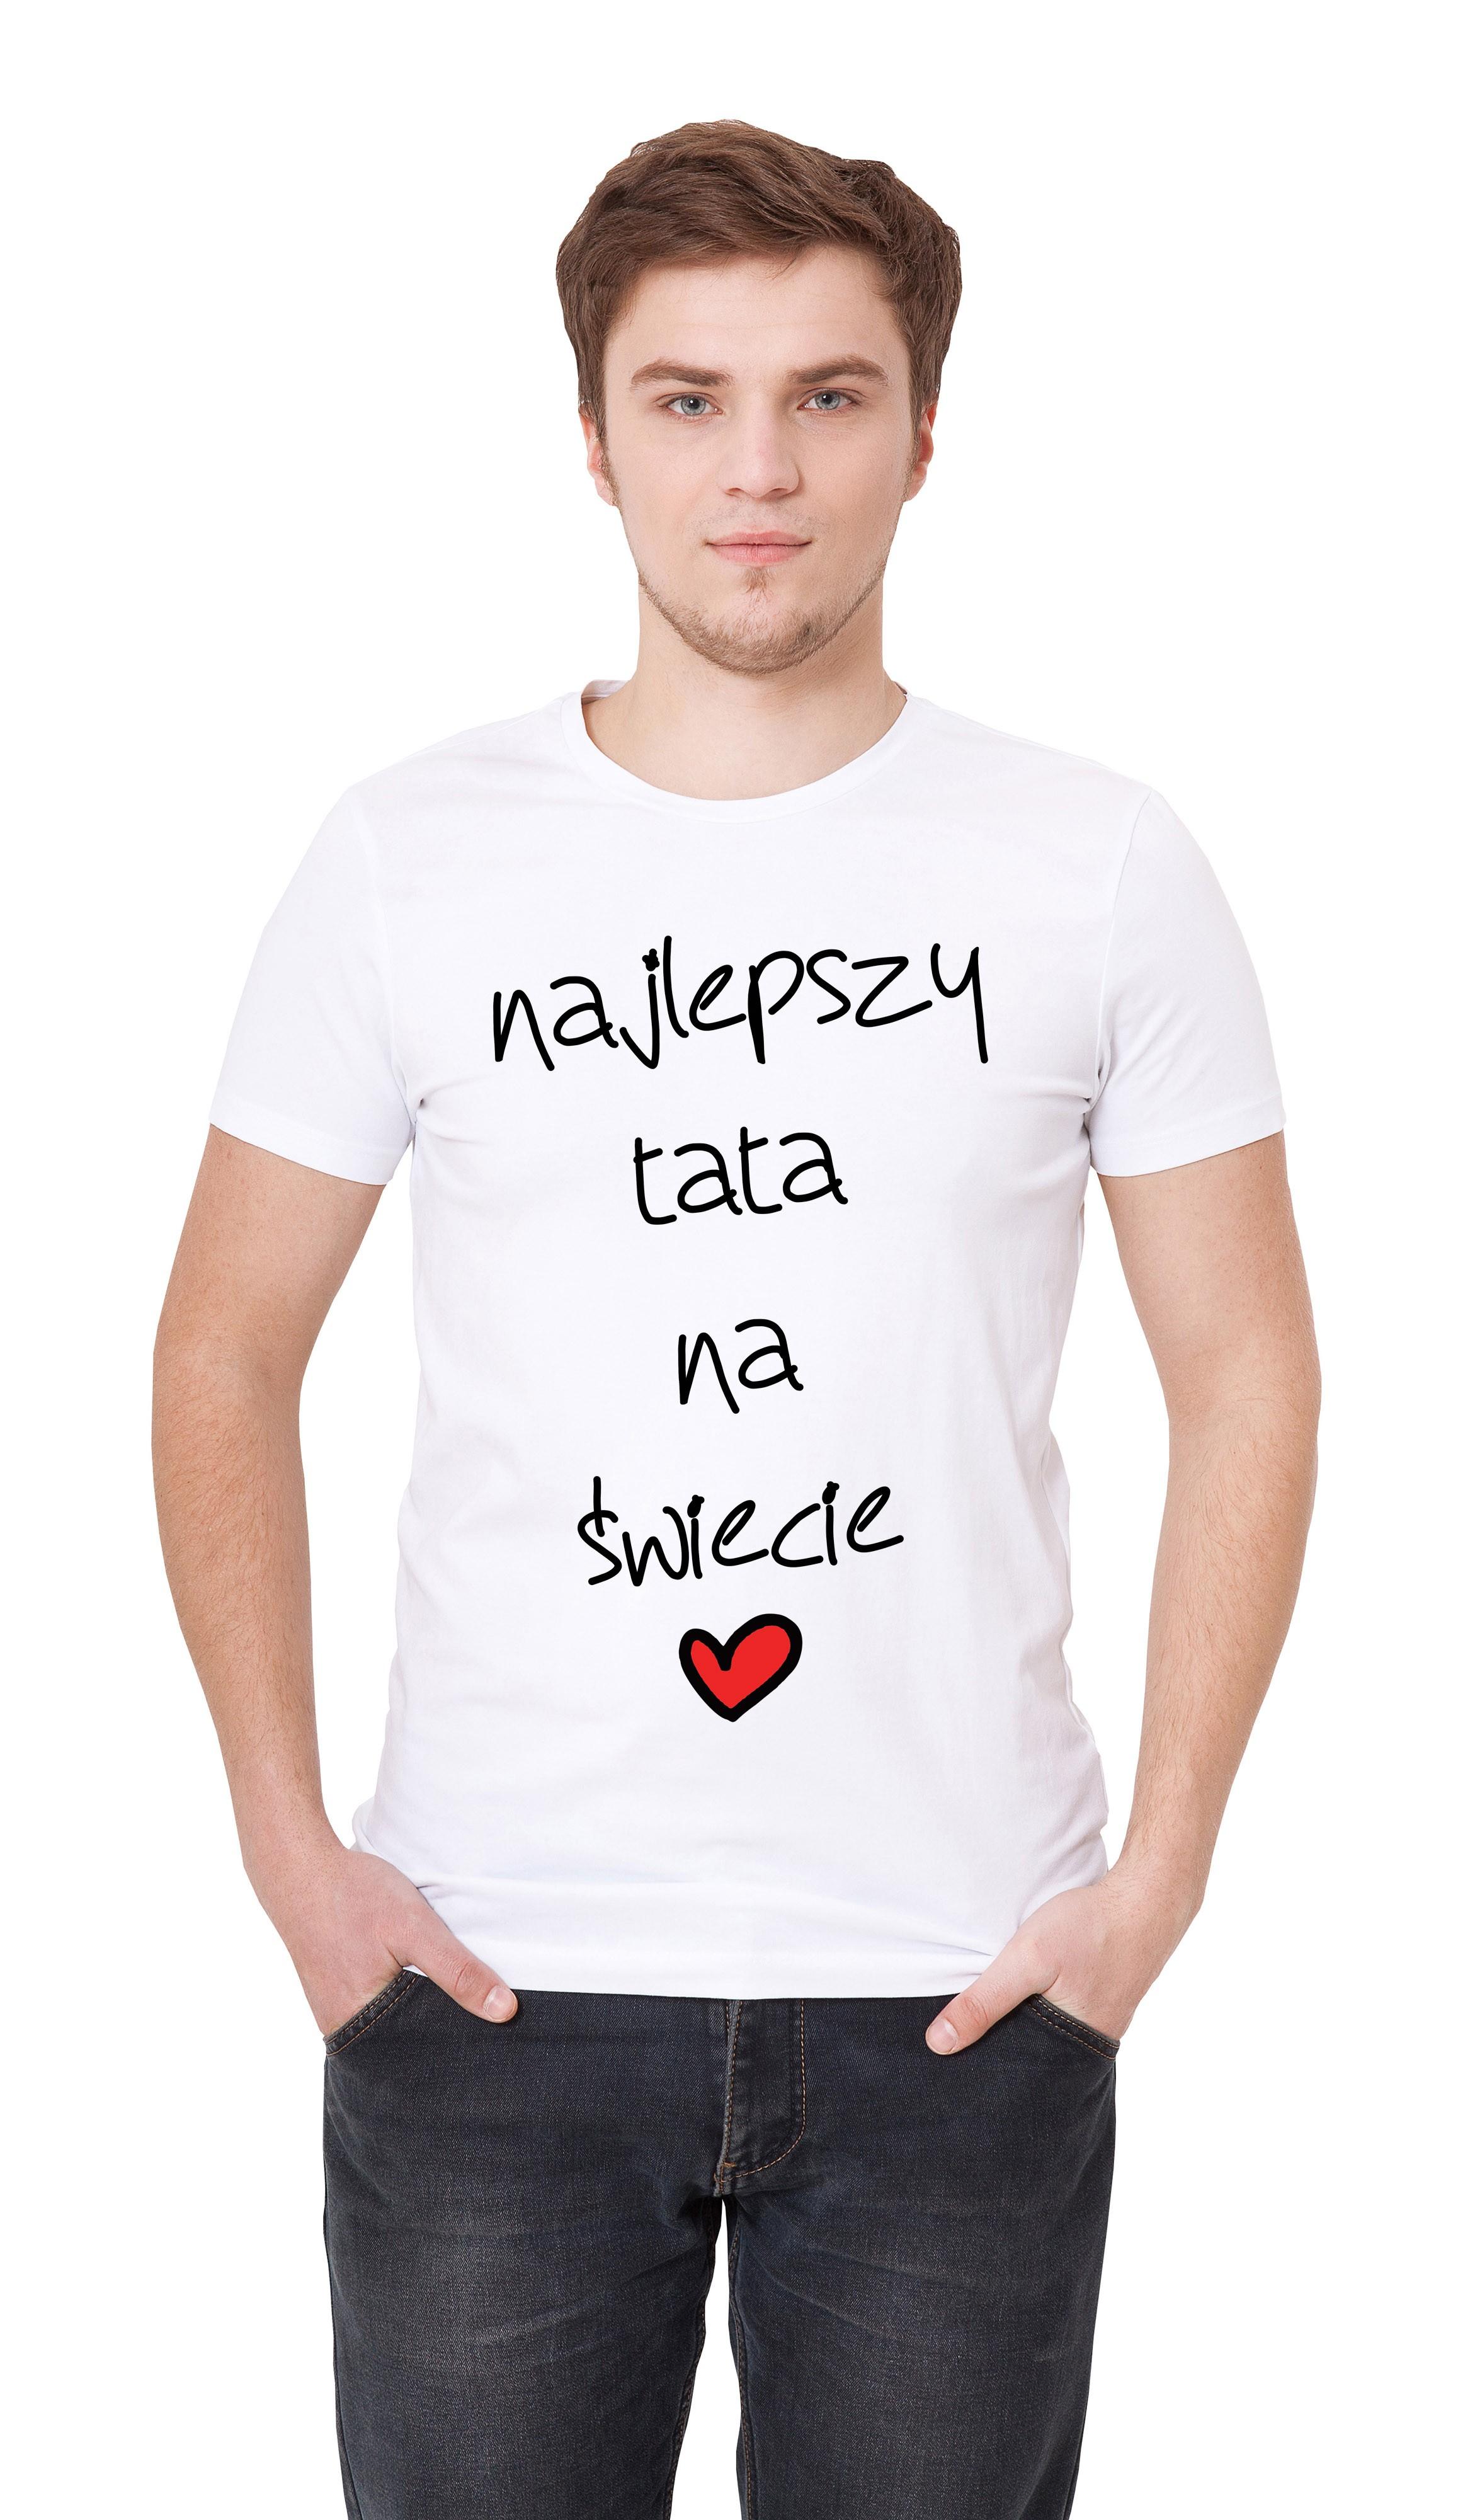 Najlepszy tata na świecie - śmieszny prezent na dzień ojca, koszulka dla taty, prezent tata, prezent dla najlepszego taty